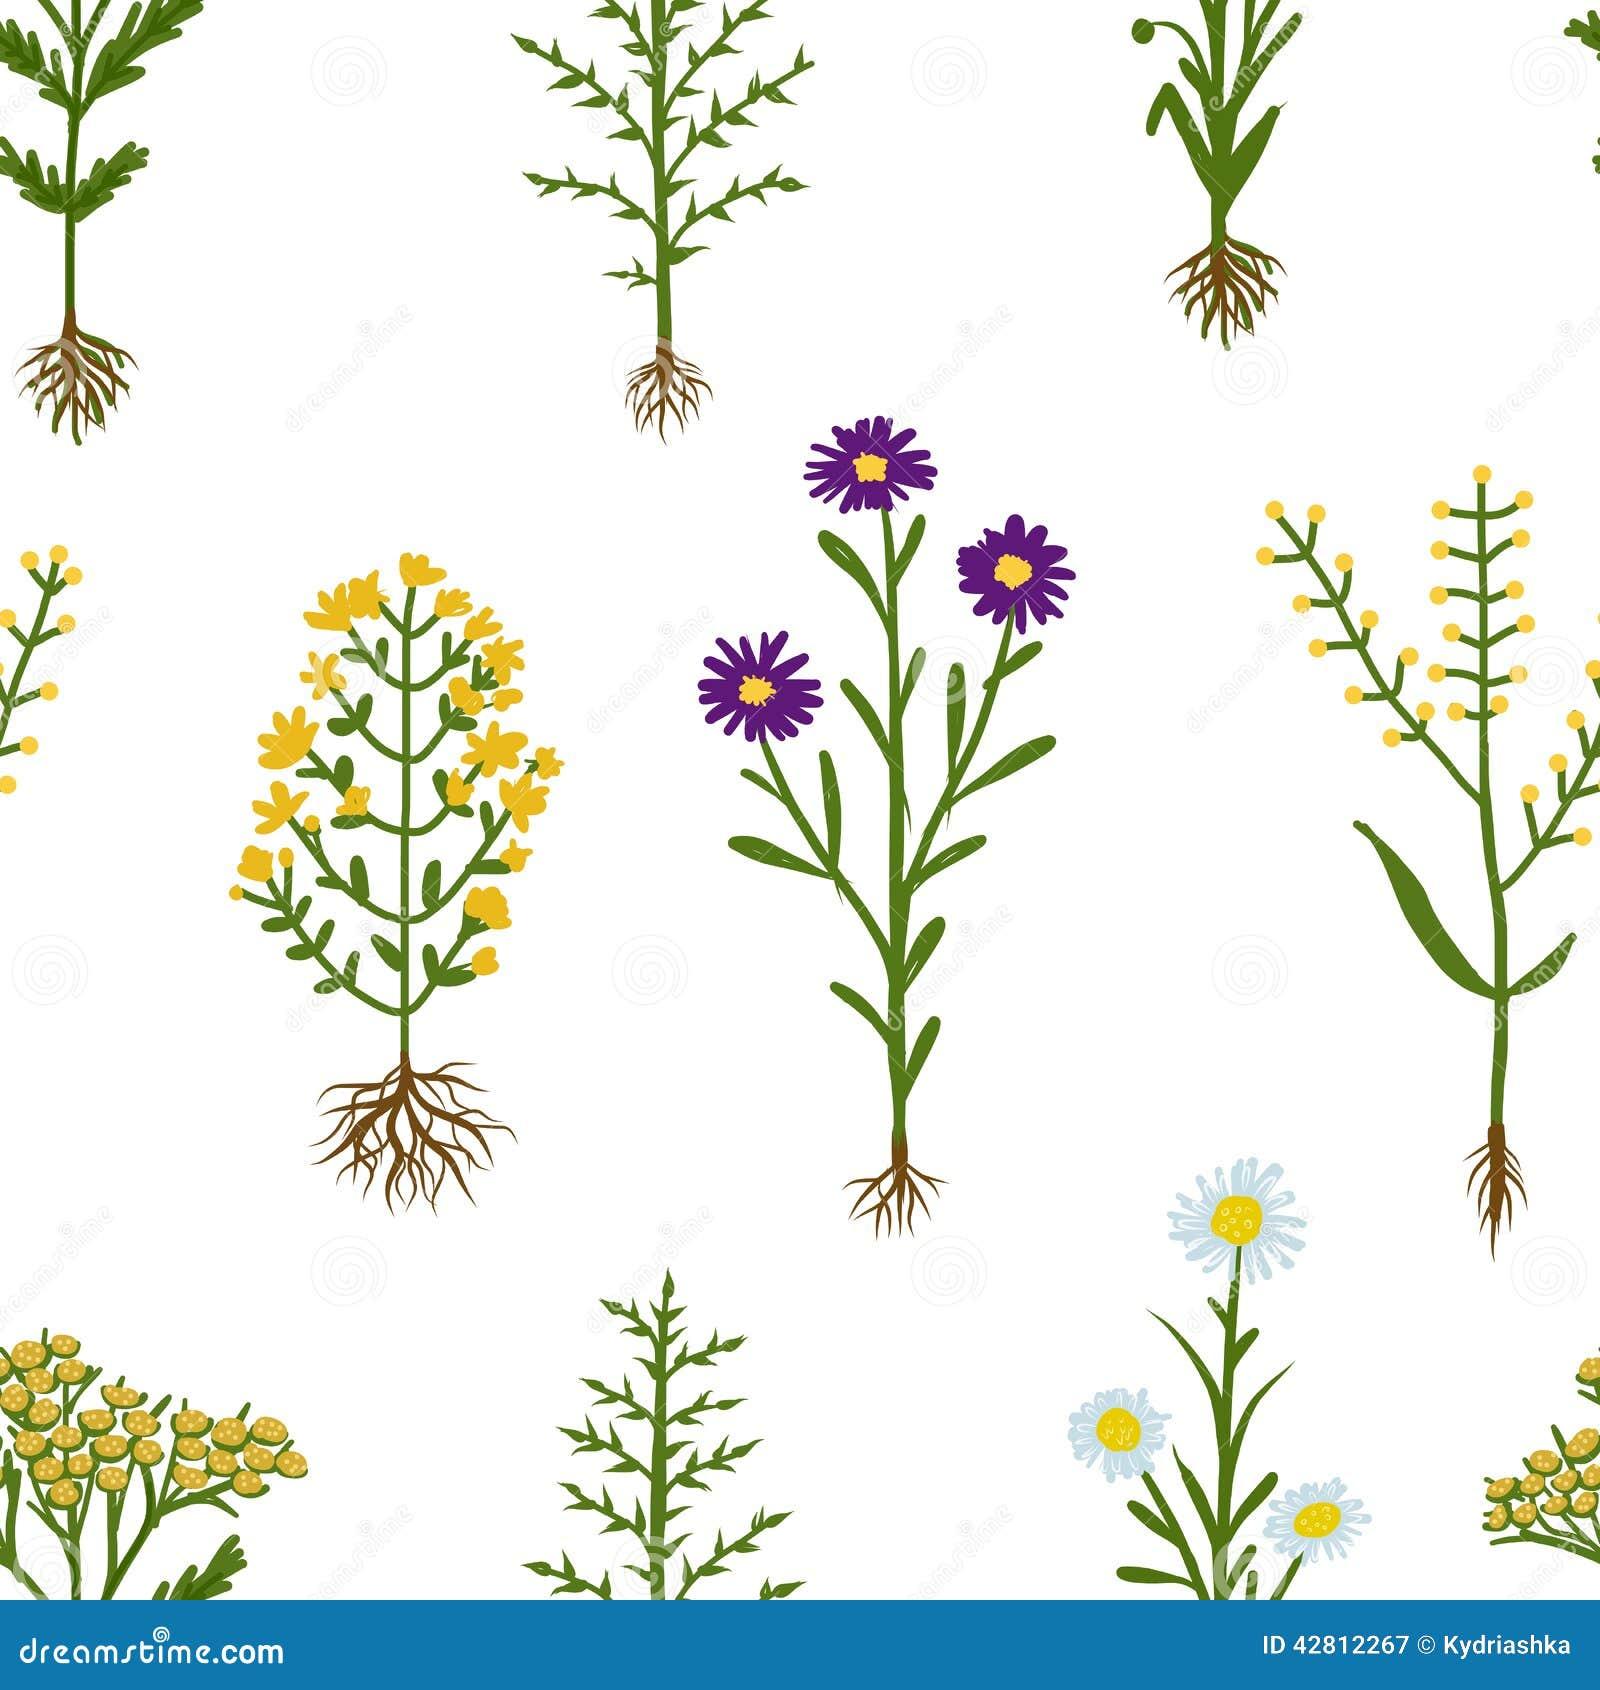 fleurs d 39 herbier avec des racines mod le sans couture illustration de vecteur image 42812267. Black Bedroom Furniture Sets. Home Design Ideas